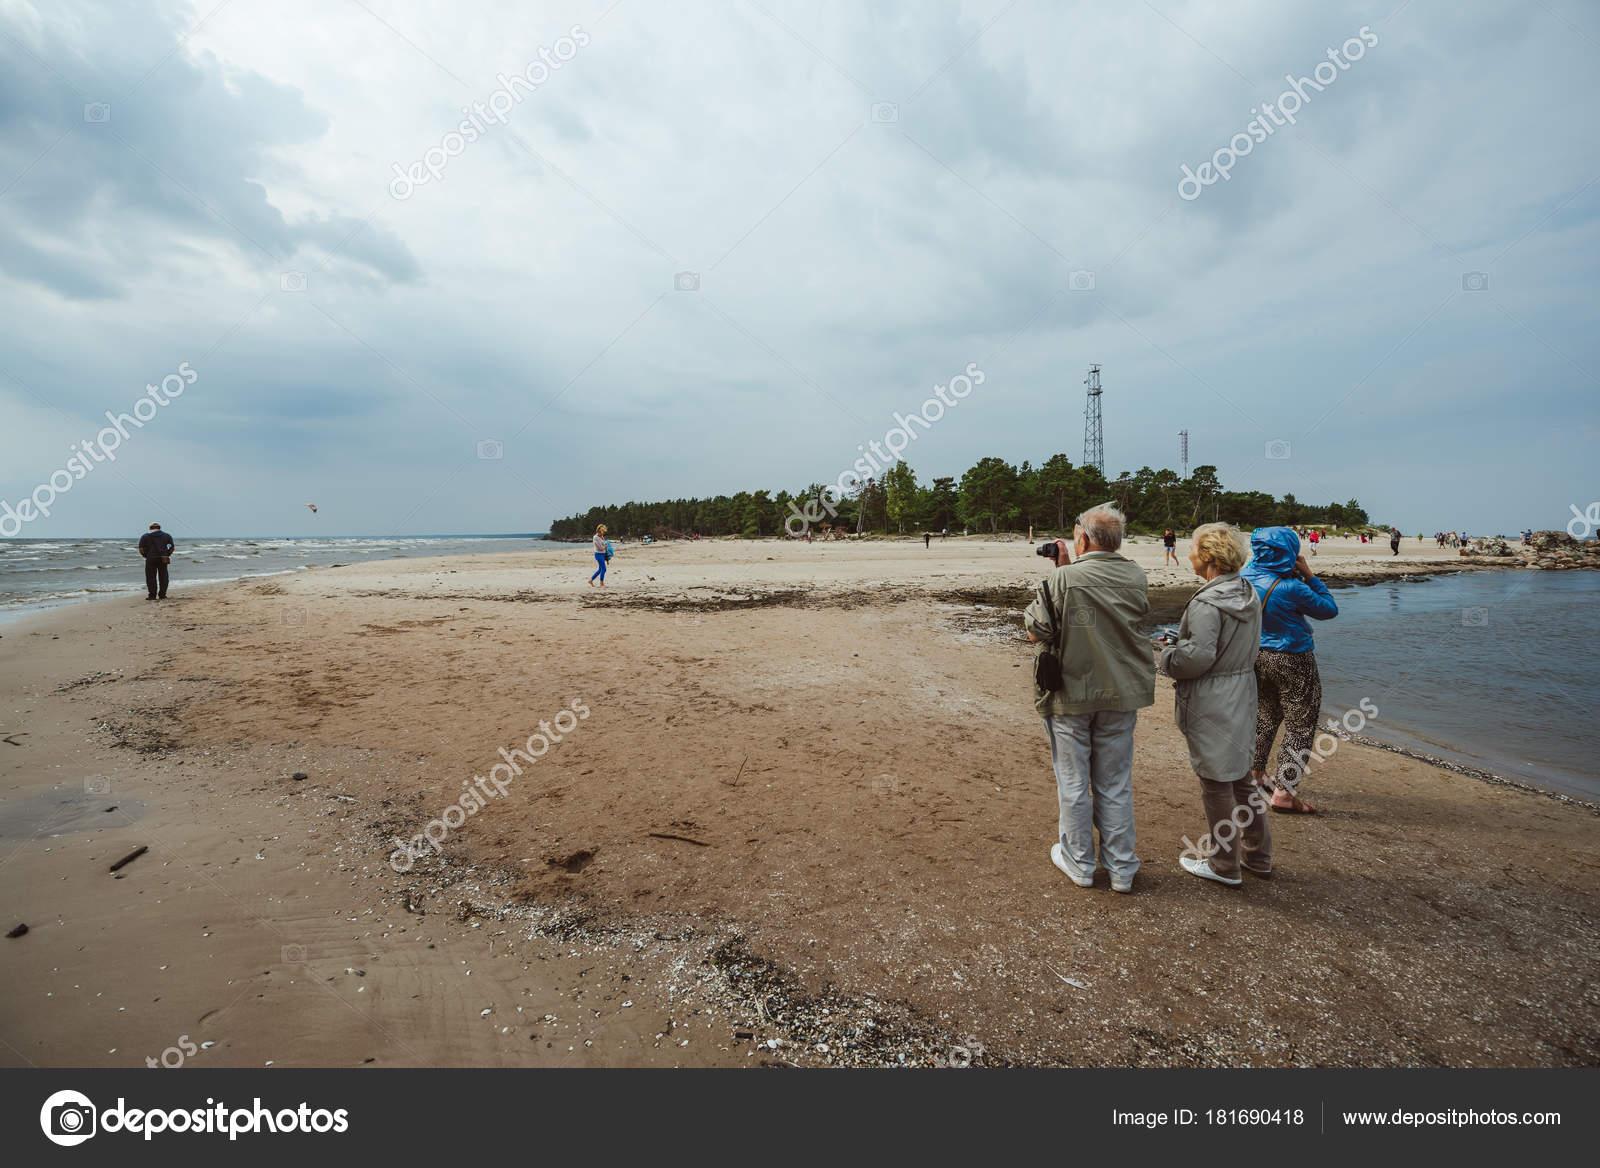 Рига латвия августа 2016 кайт серферов вблизи мыса колка латвия.